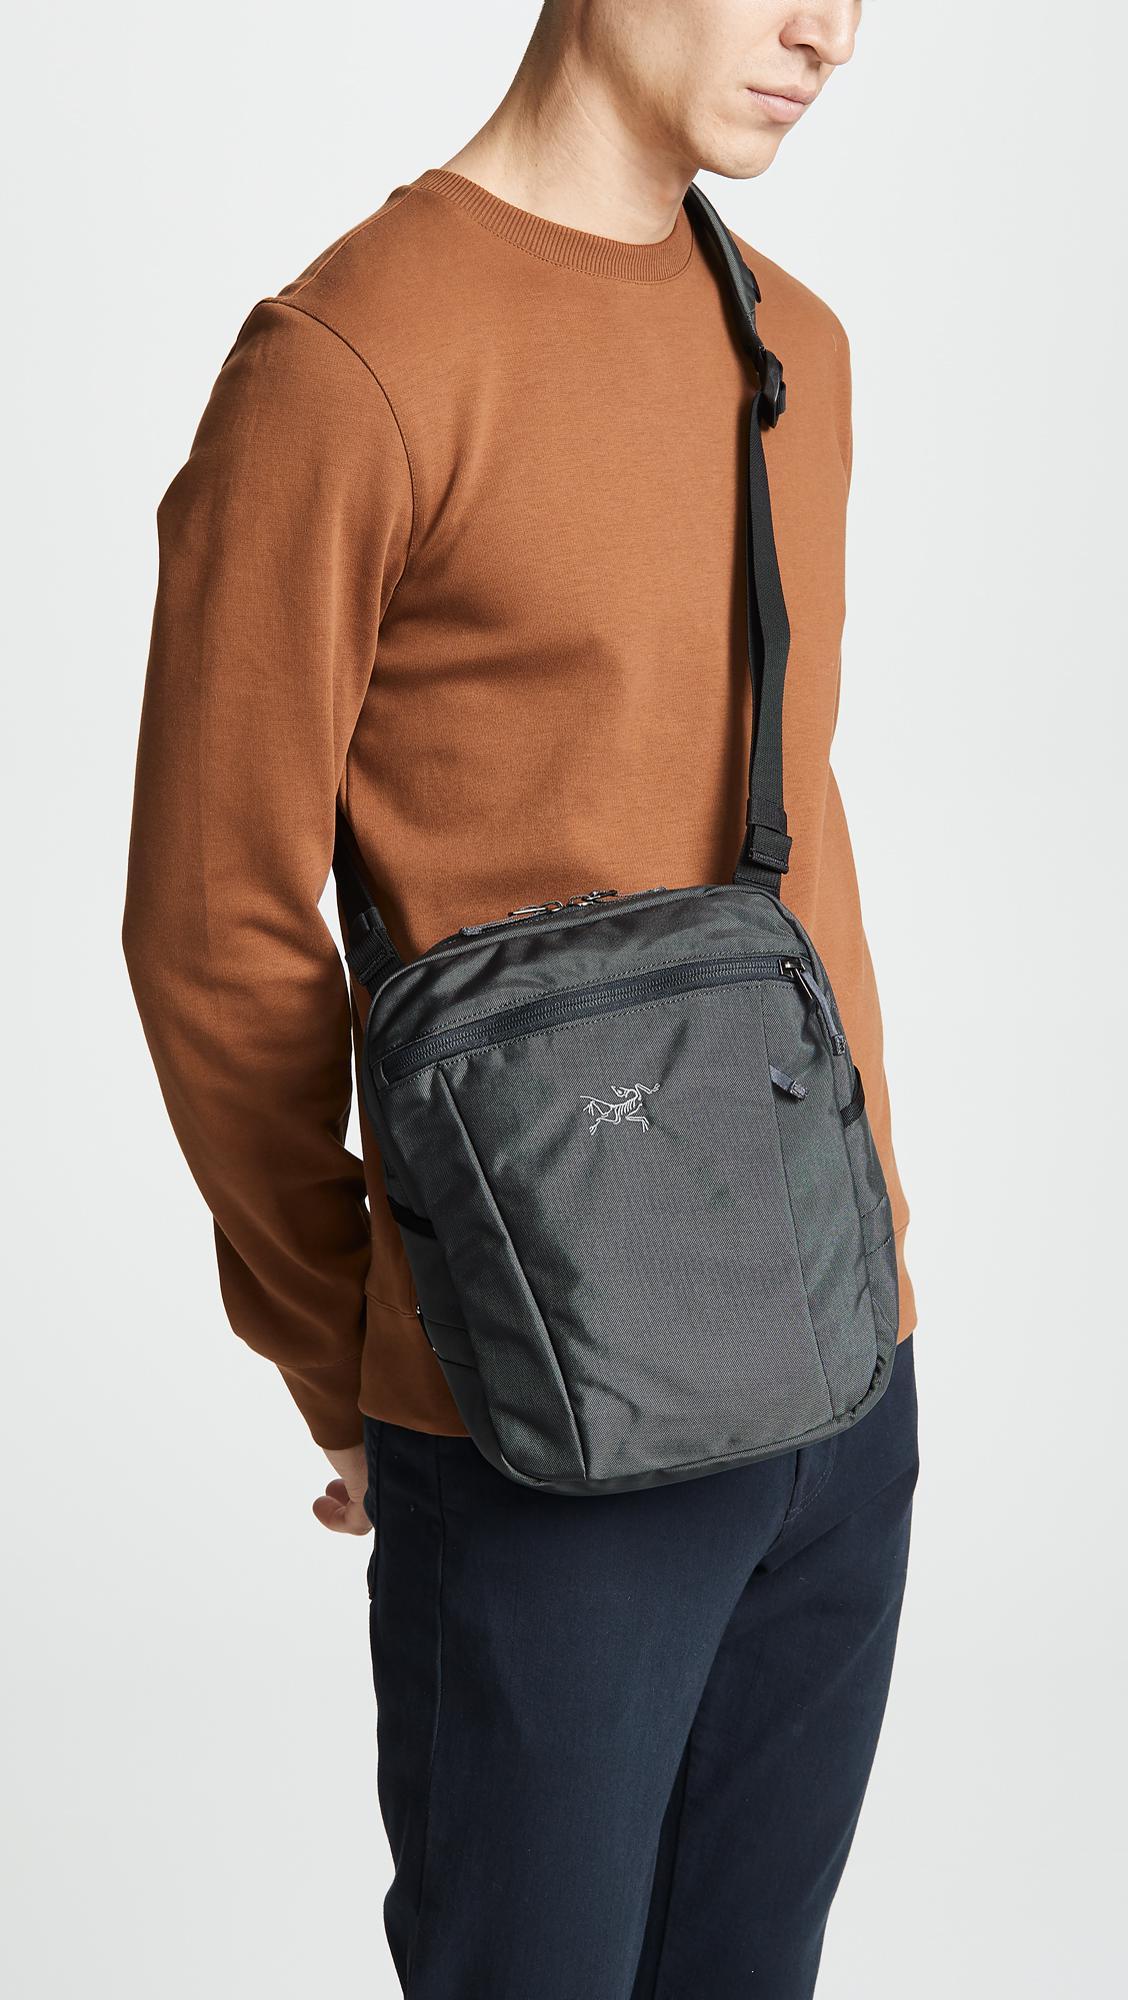 f88463e81d8b ... Slingblade 4 Shoulder Bag for Men - Lyst. View fullscreen